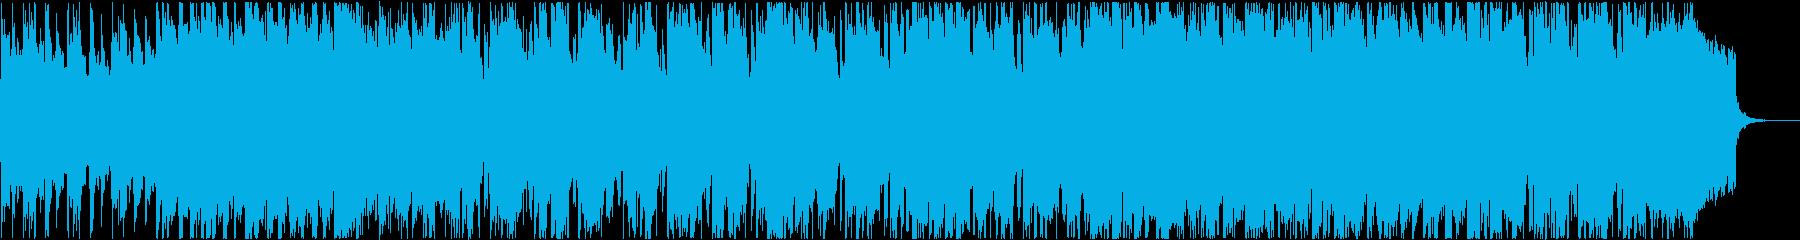 和風で日本的な雰囲気の趣あるシンセBGMの再生済みの波形